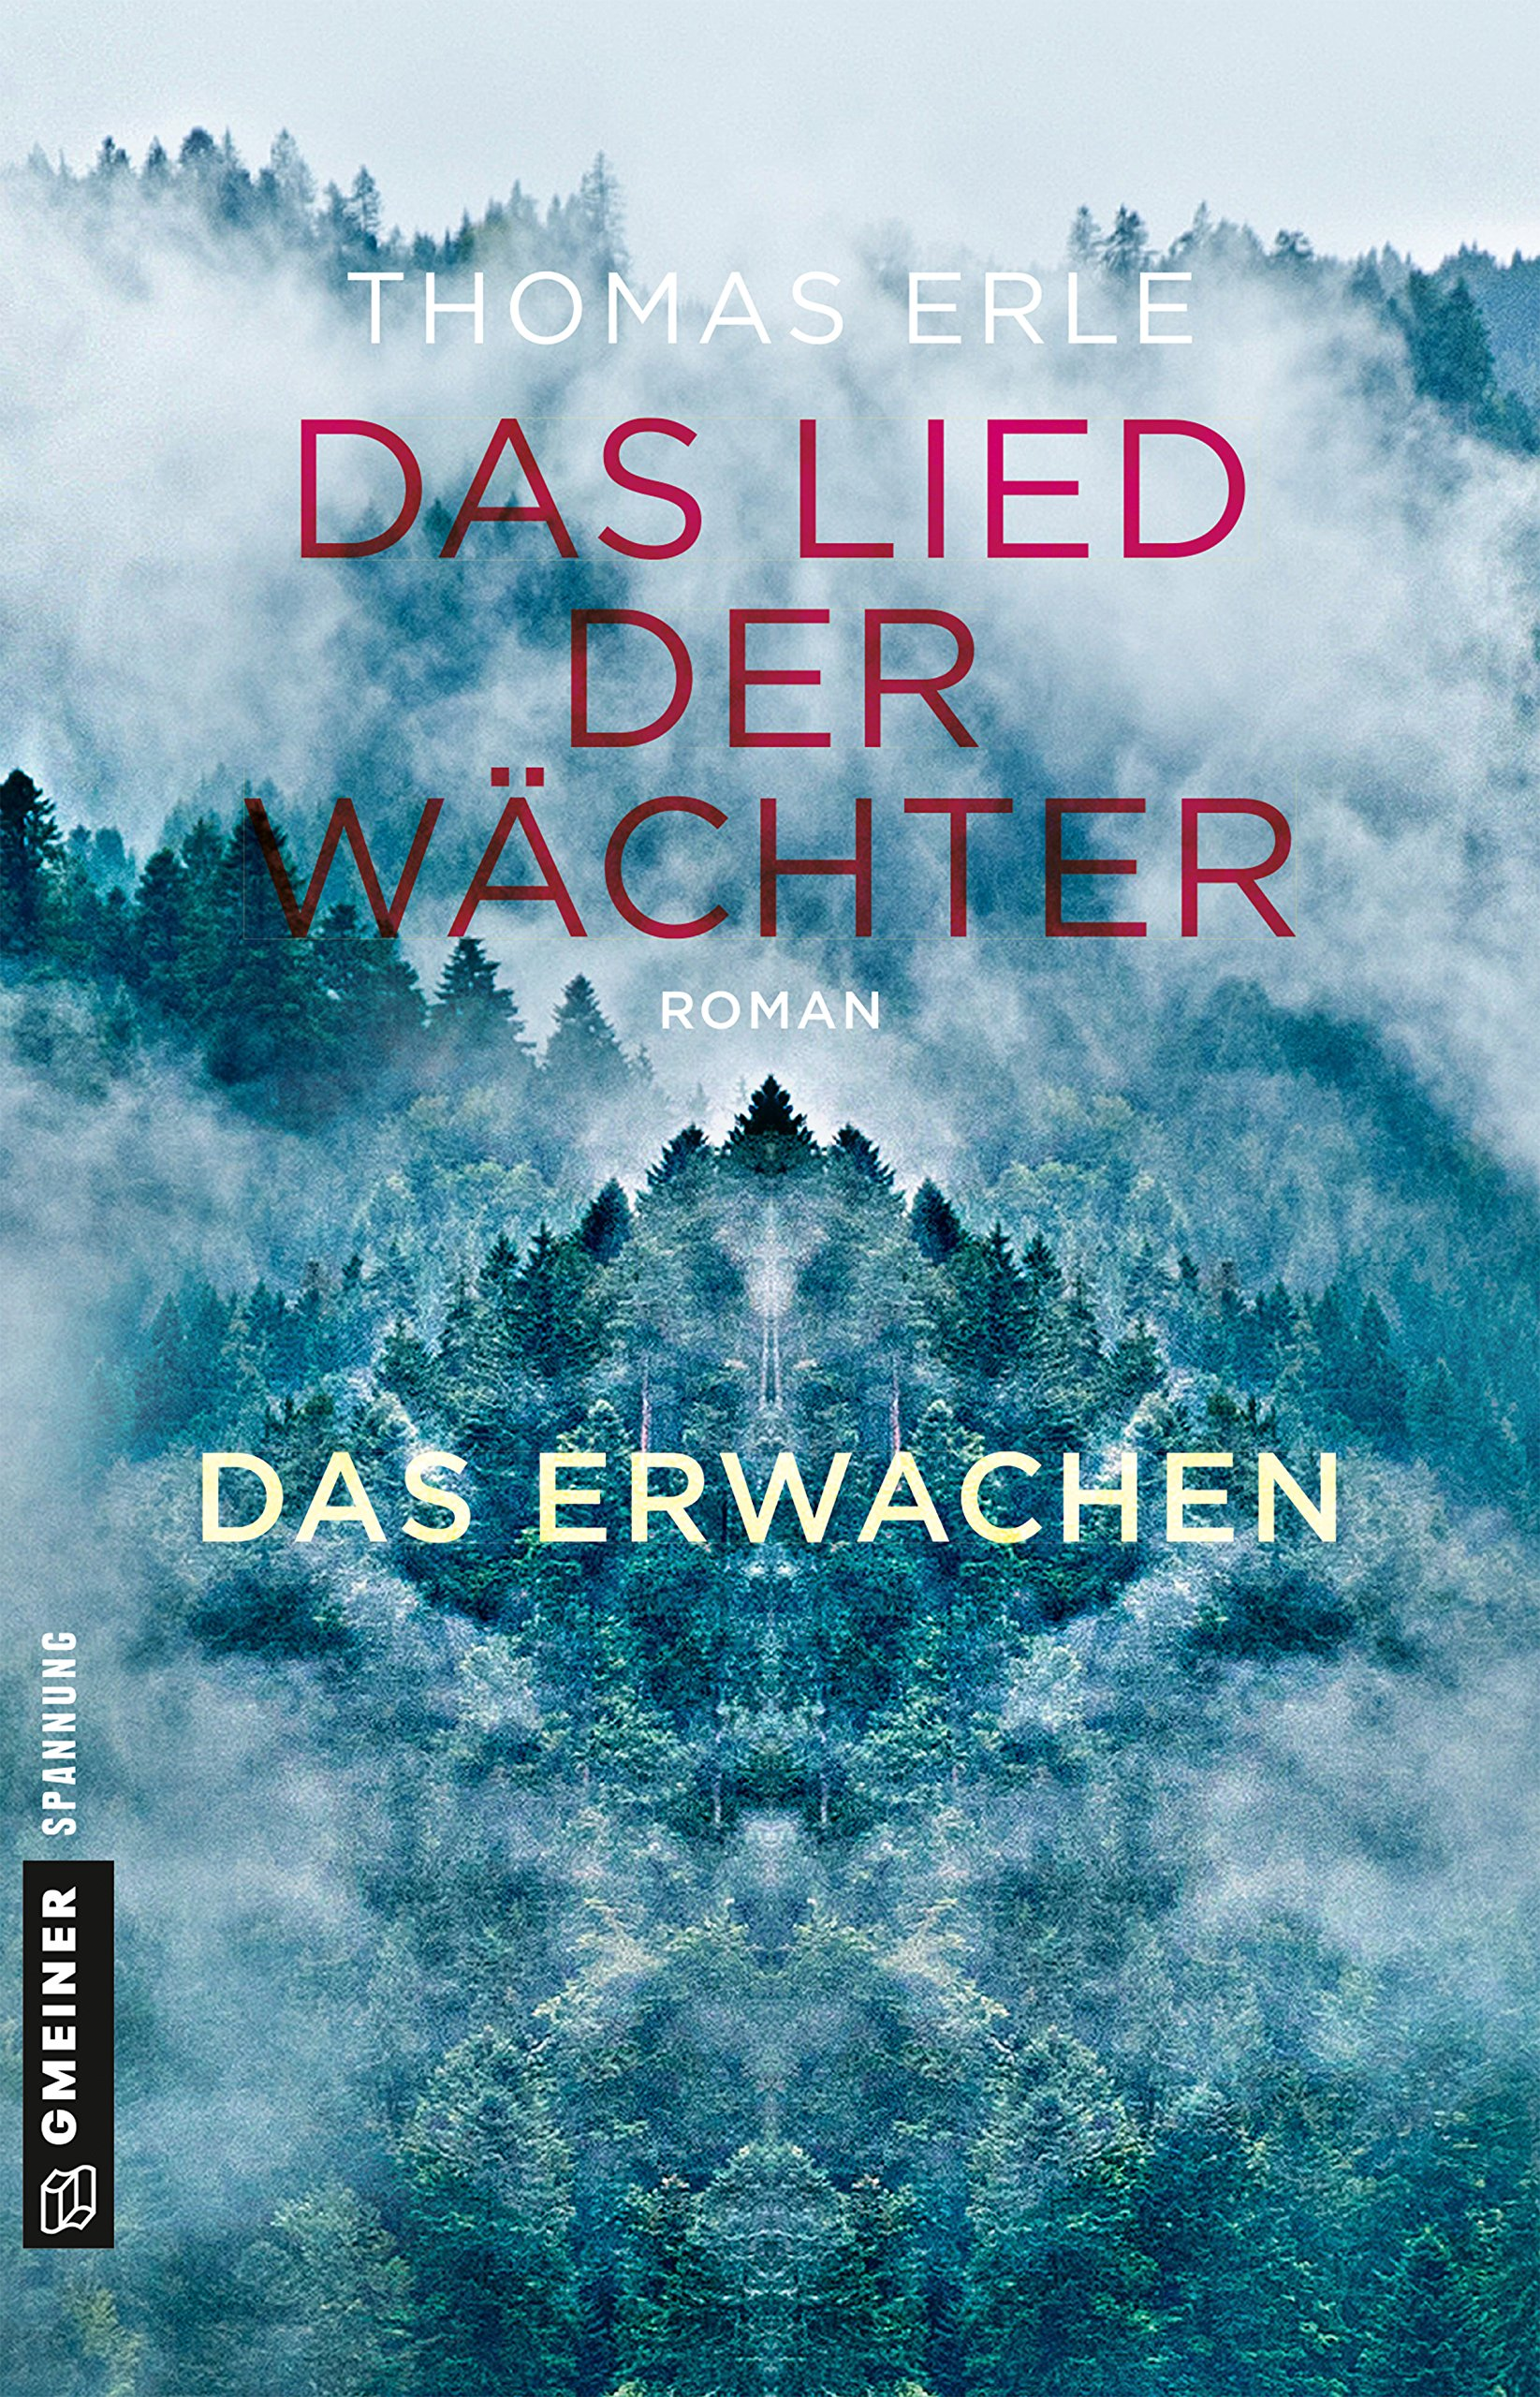 Das Lied der Wächter - Das Erwachen: Roman (Fantasy im GMEINER-Verlag) Taschenbuch – 4. Oktober 2018 Thomas Erle 3839223377 Belletristik / Kriminalromane 2010 bis 2019 n. Chr.